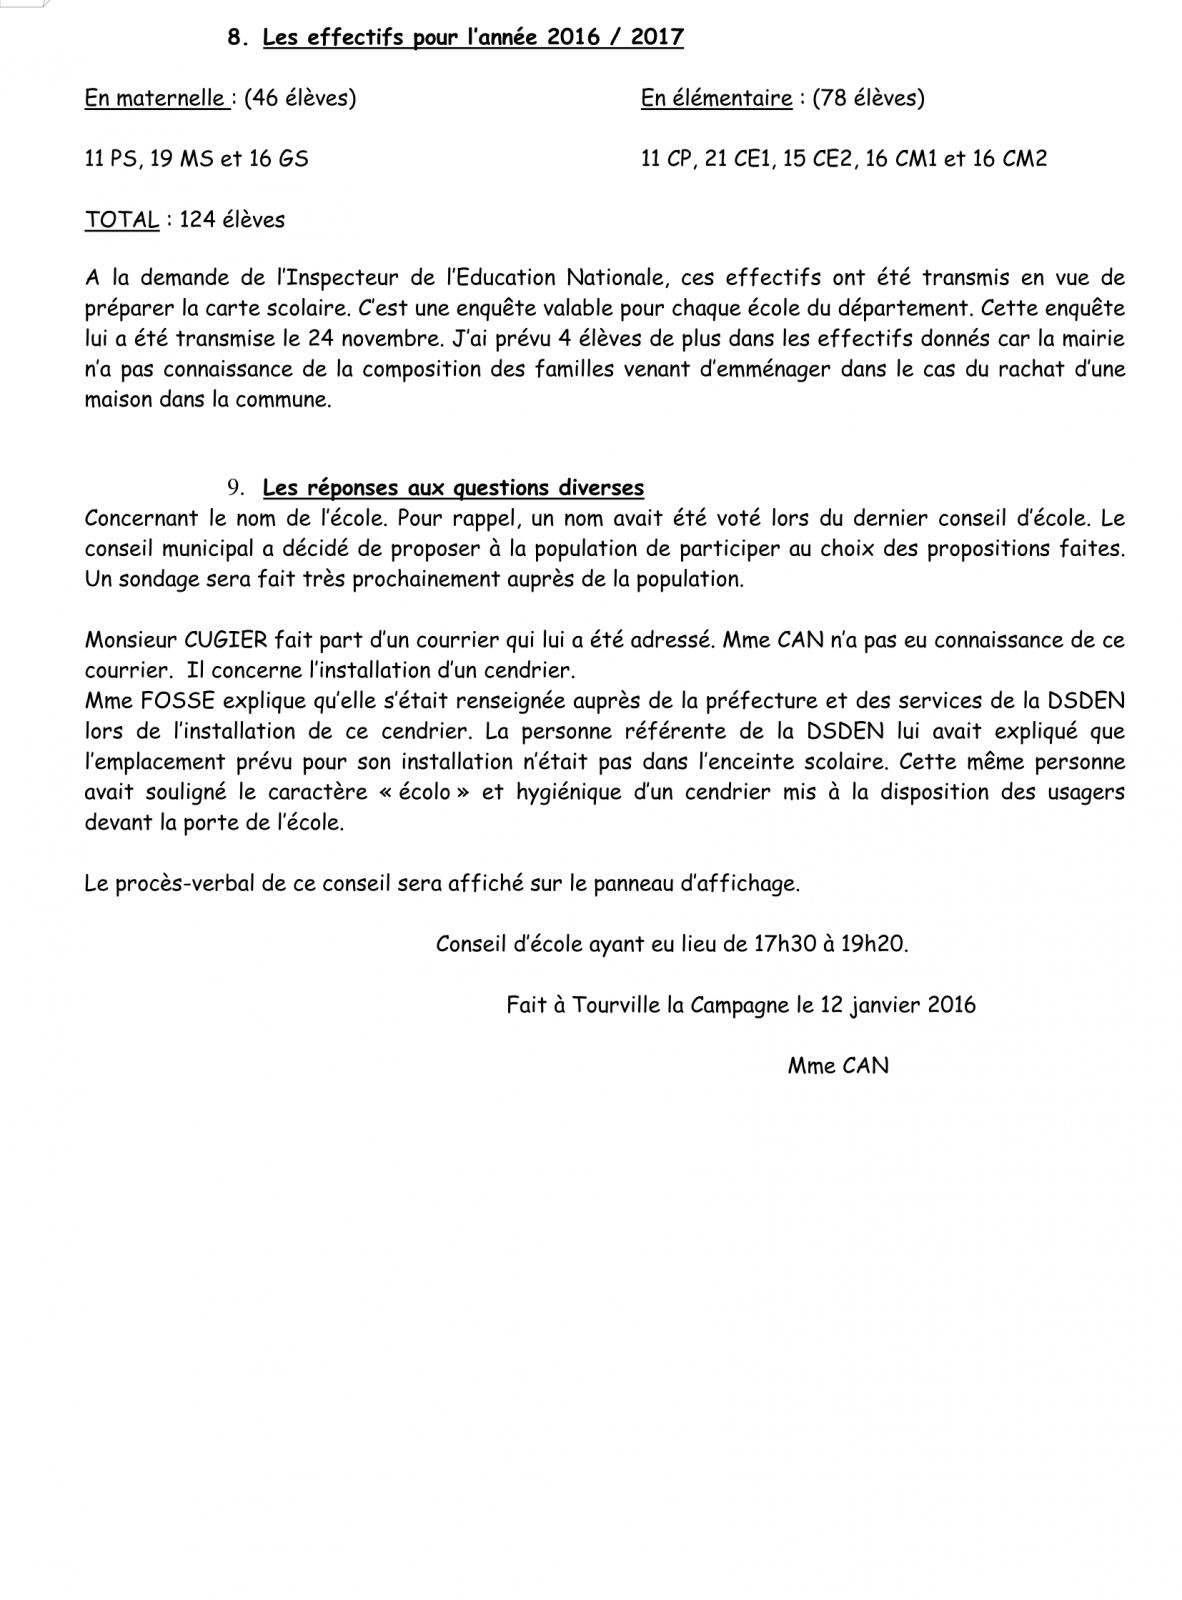 PV Conseil d'école 16 Janvier 2016 Page 7